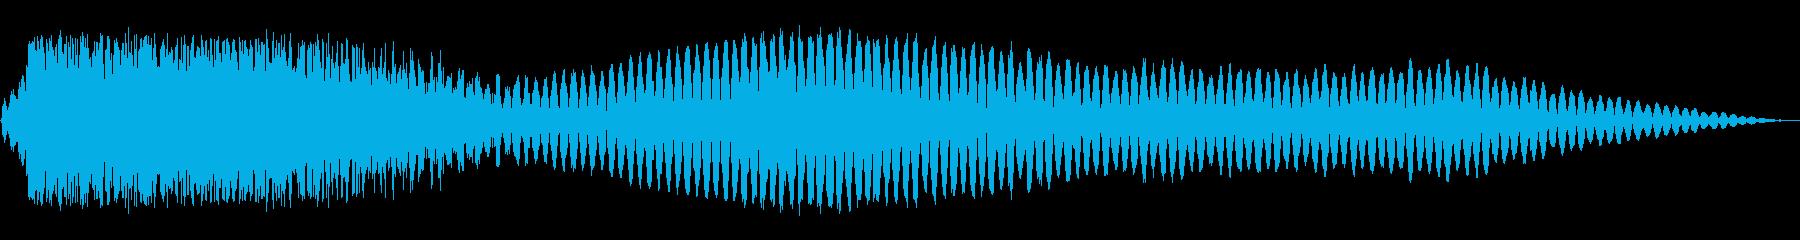 モンスターの声(長い)の再生済みの波形